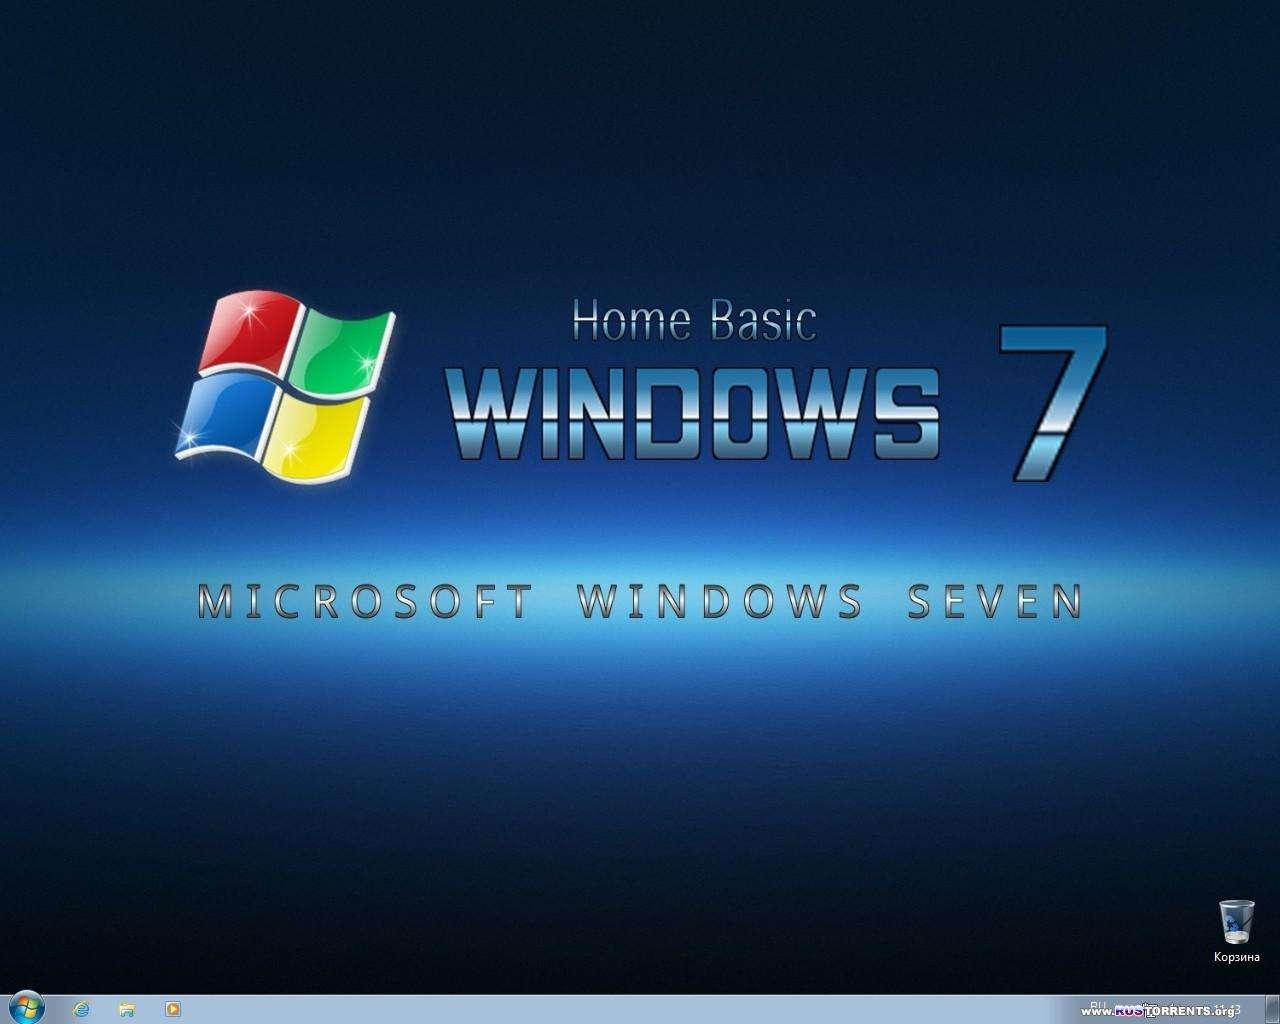 Windows 7 Home Basic SP1 х86/х64 Elgujakviso Edition v.17.07.14 RUS | PC